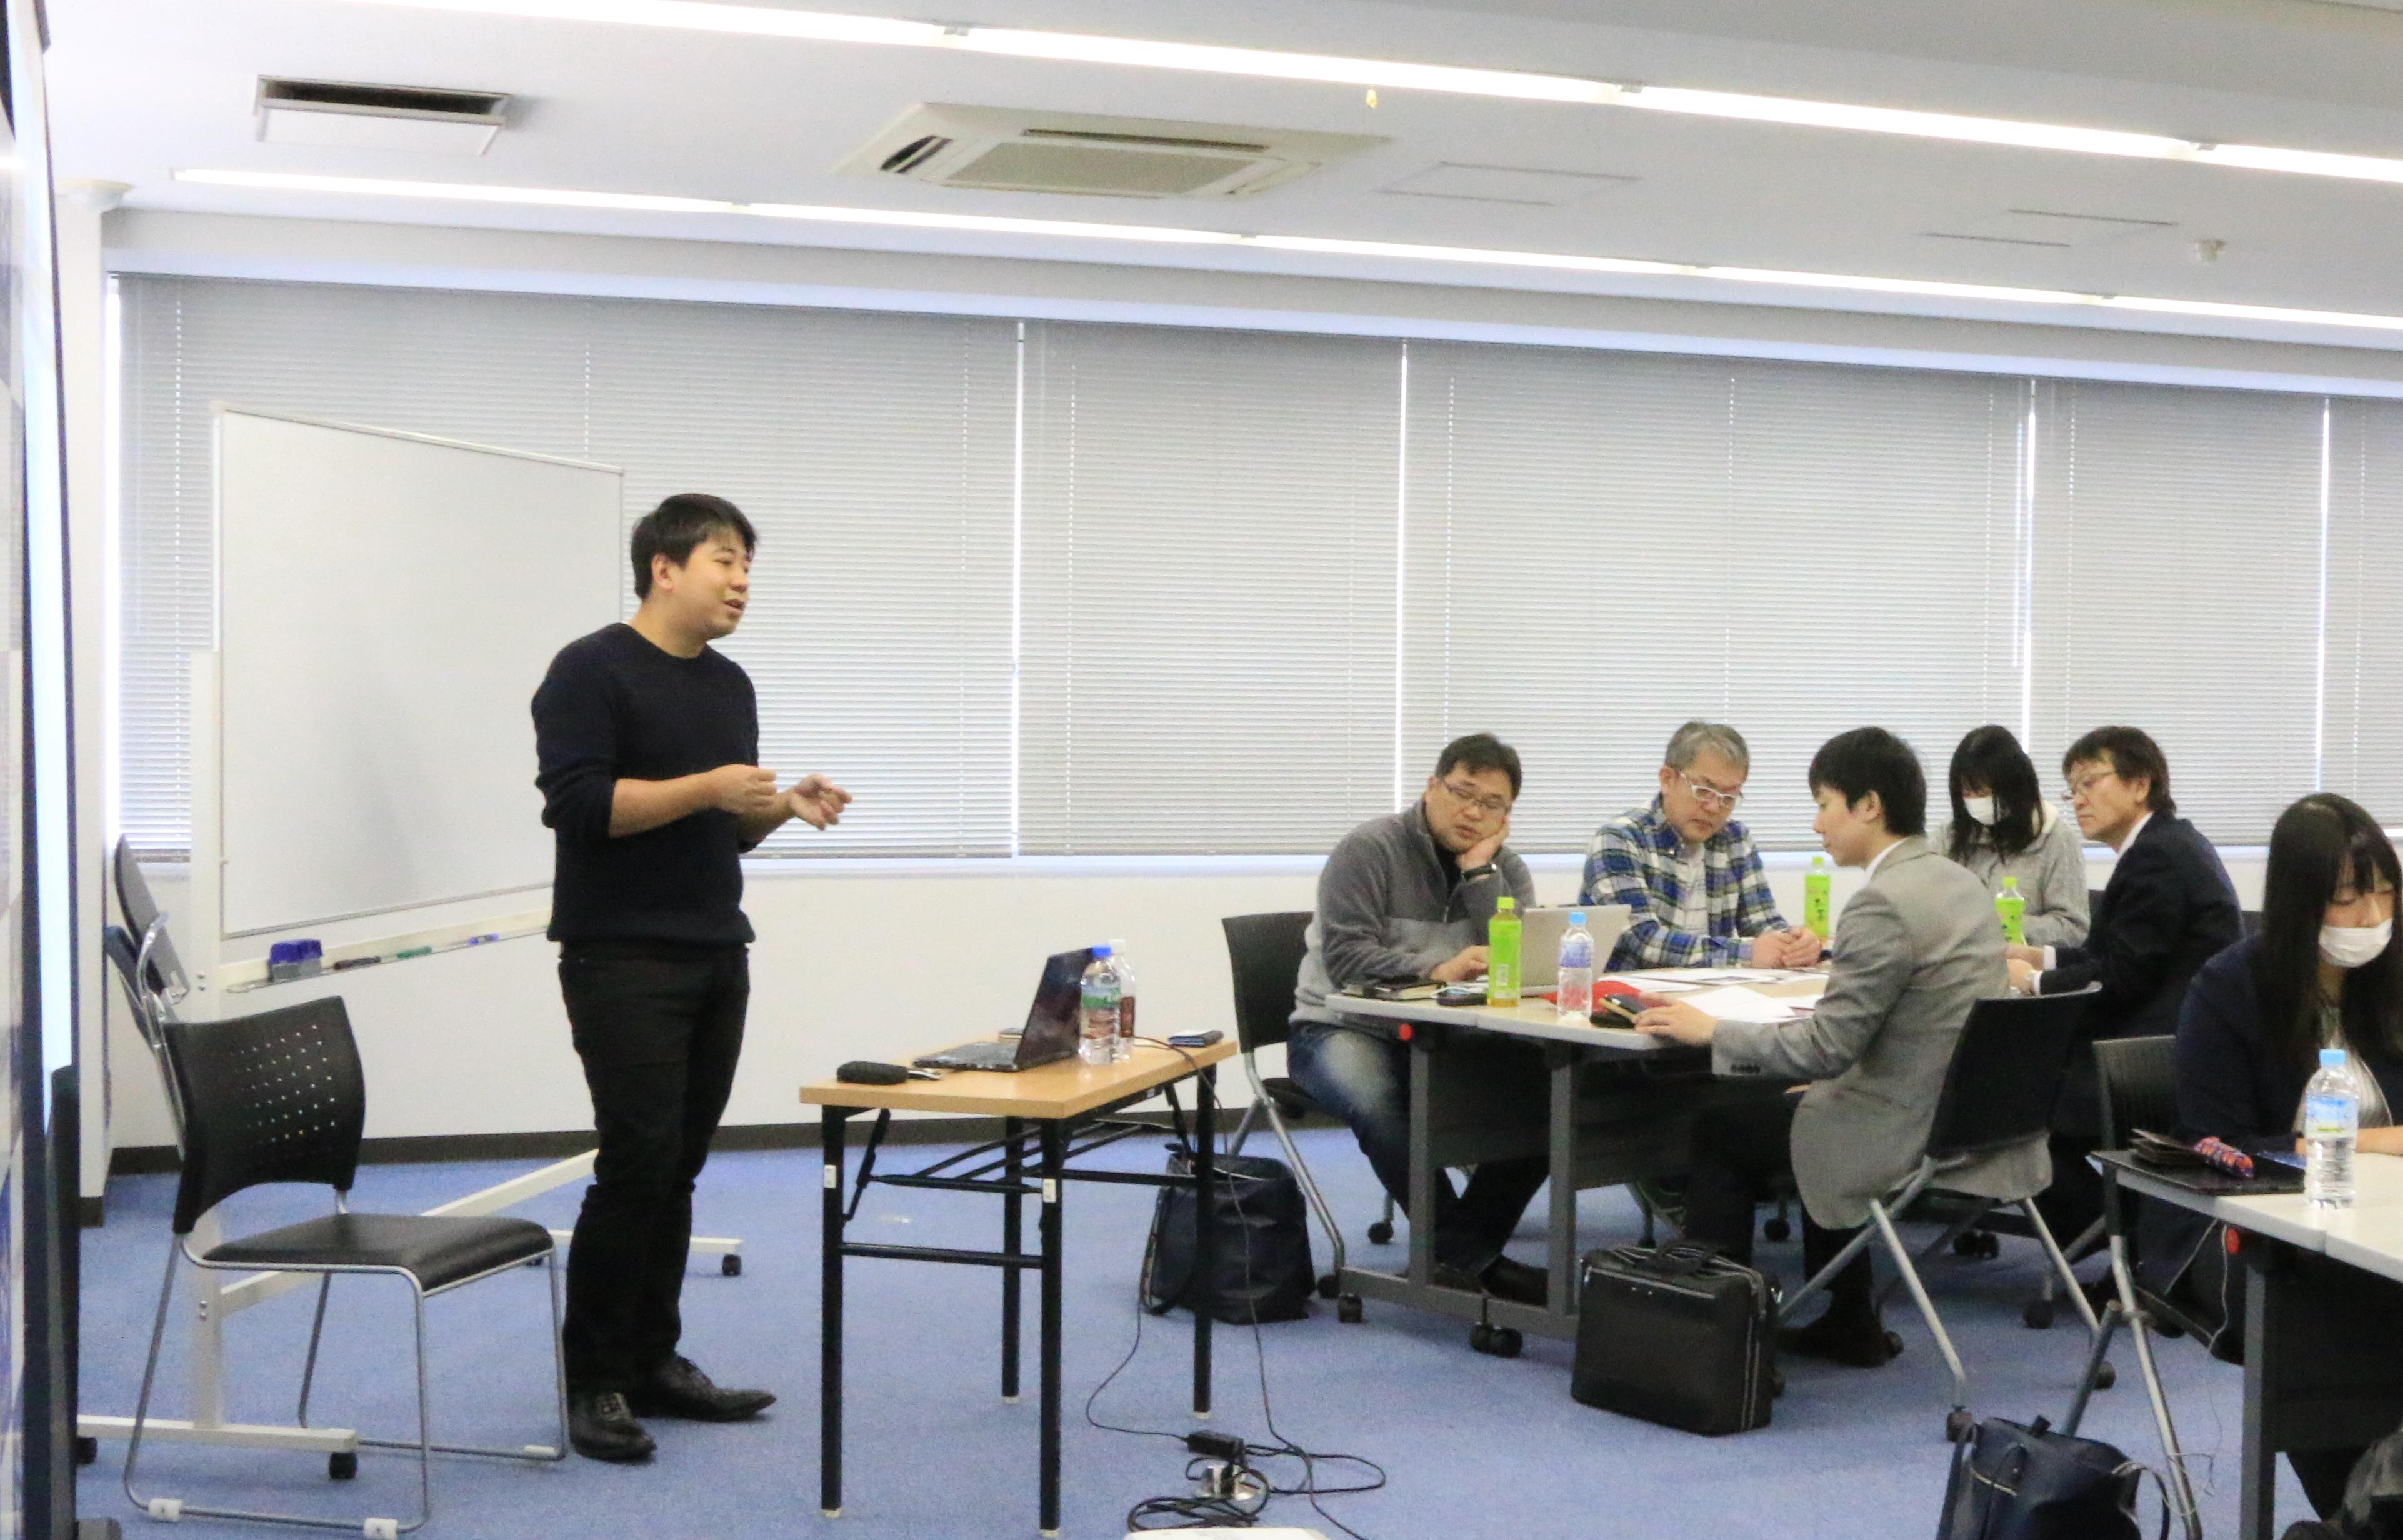 住宅・不動産業界向け 「WEB戦略勉強会」を開催いたしました